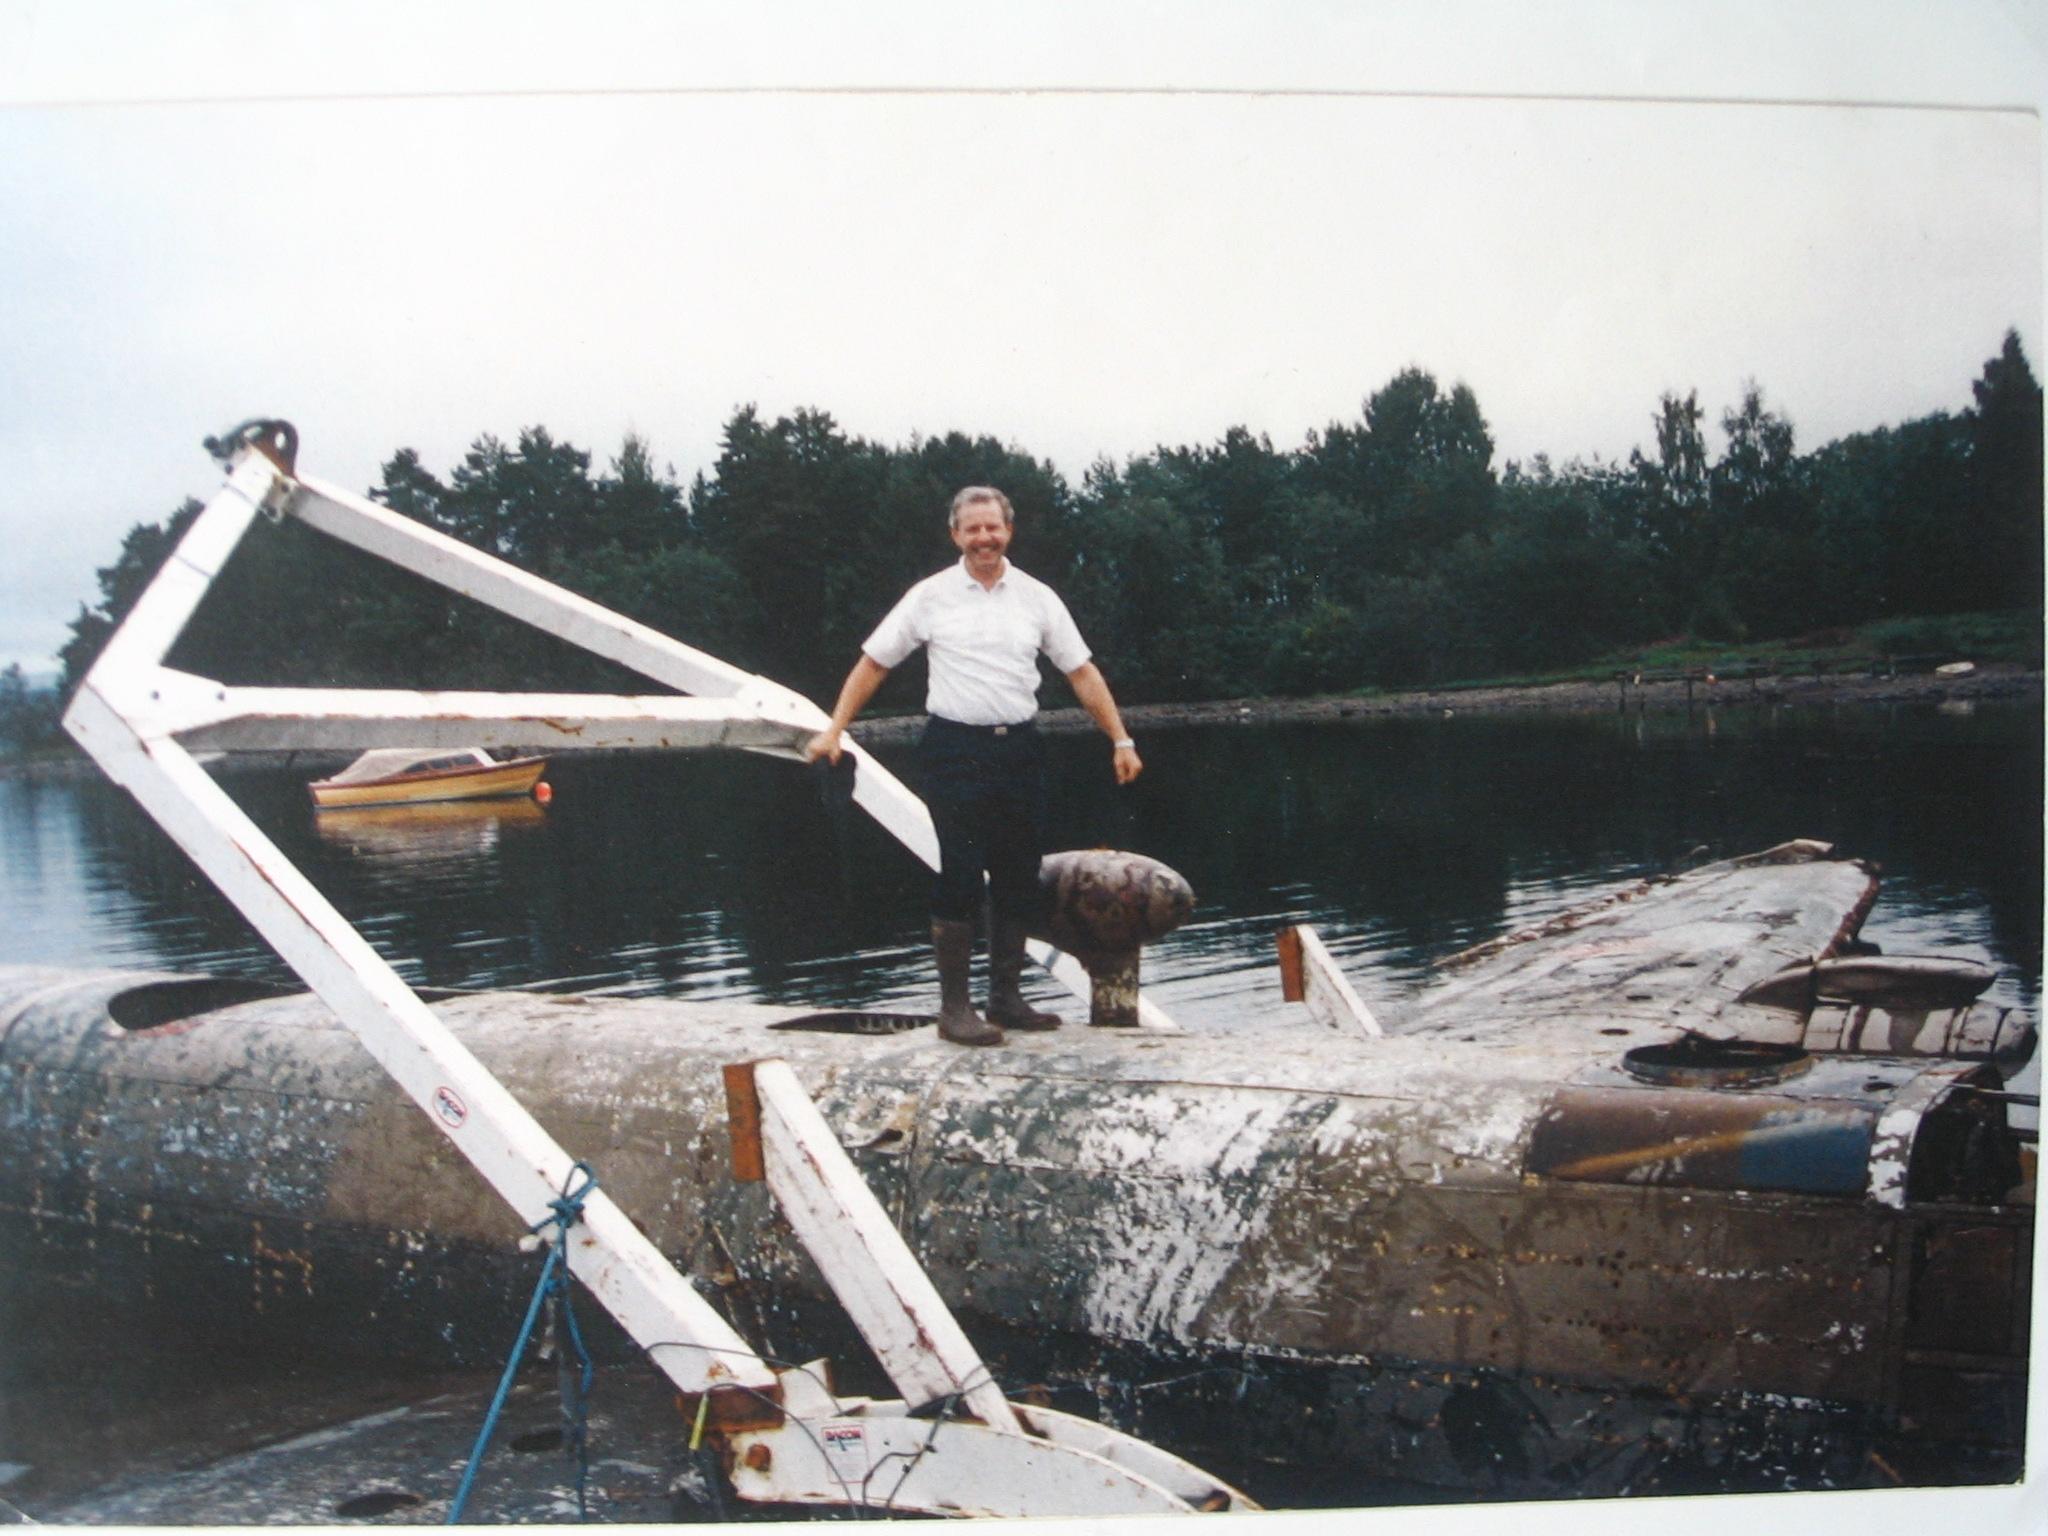 Halifax and Karl Norway SEP 1995